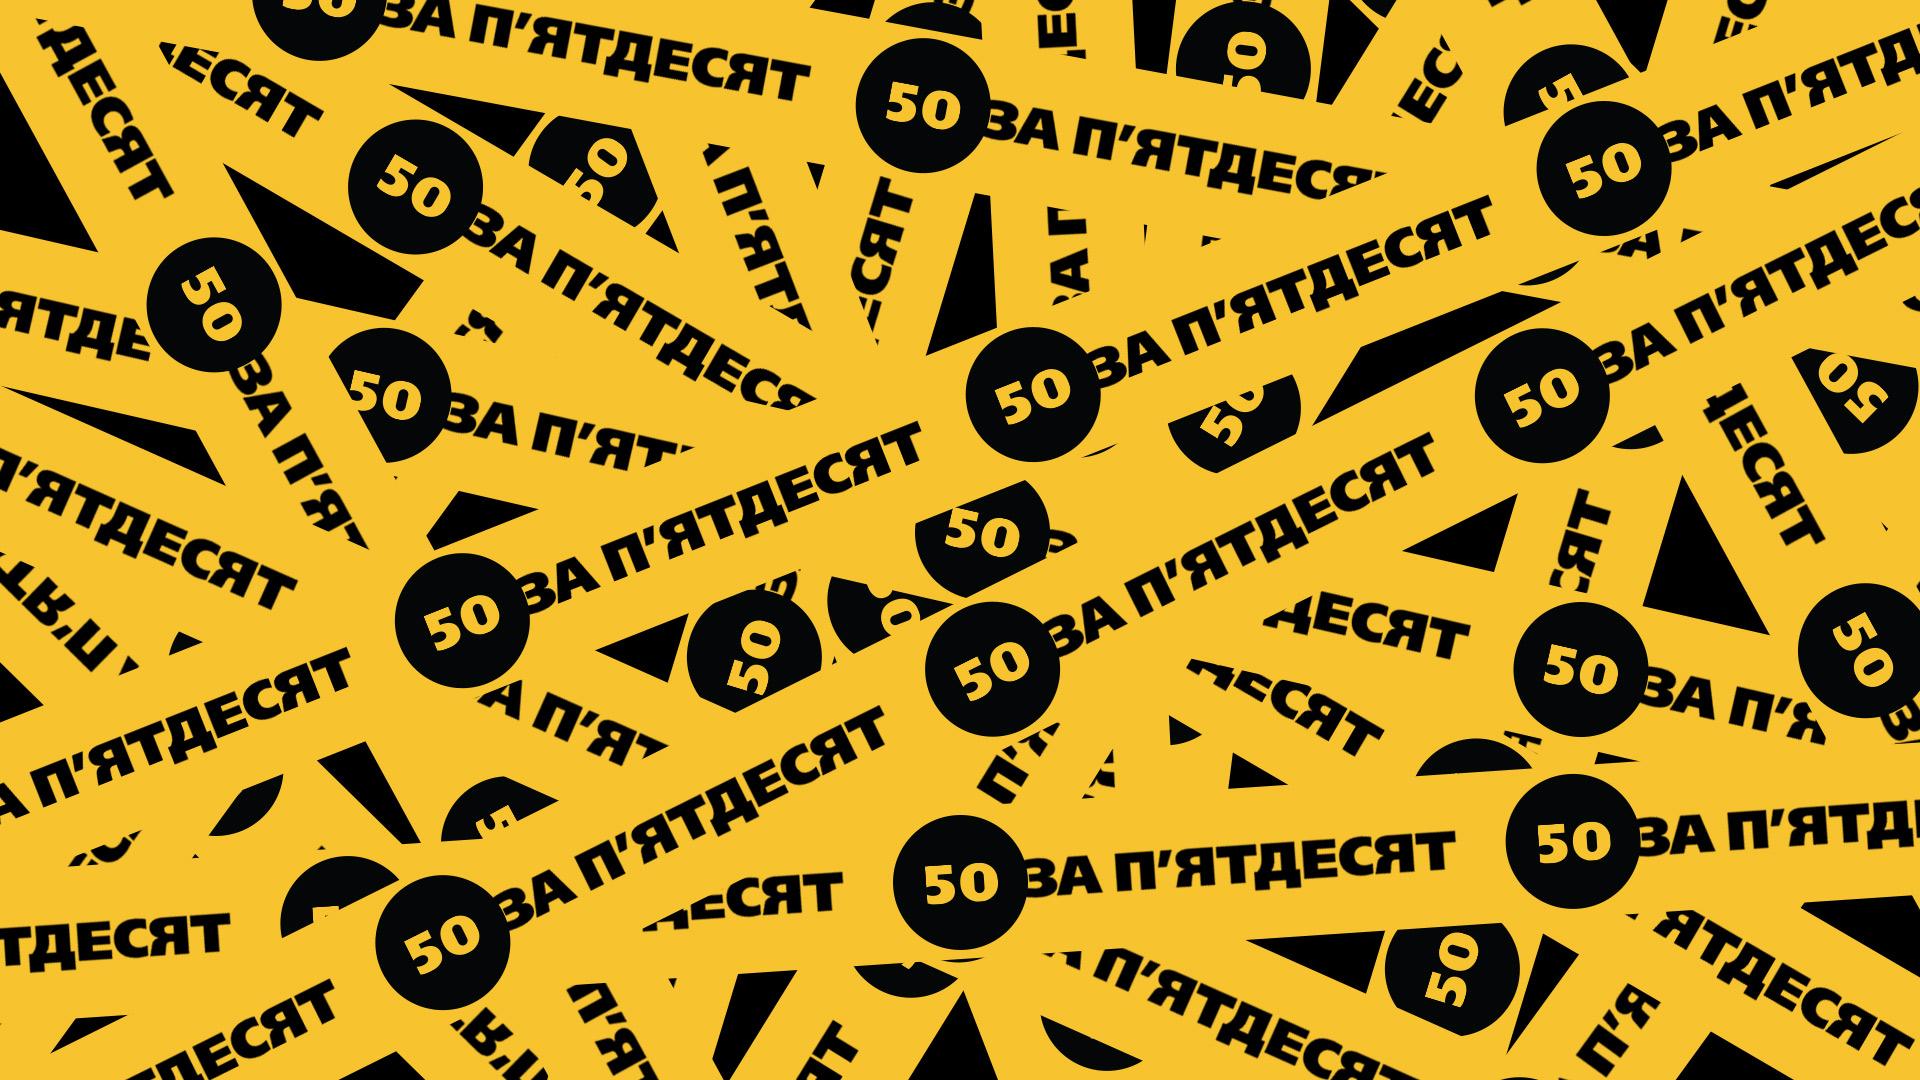 Логотип 50 за 50